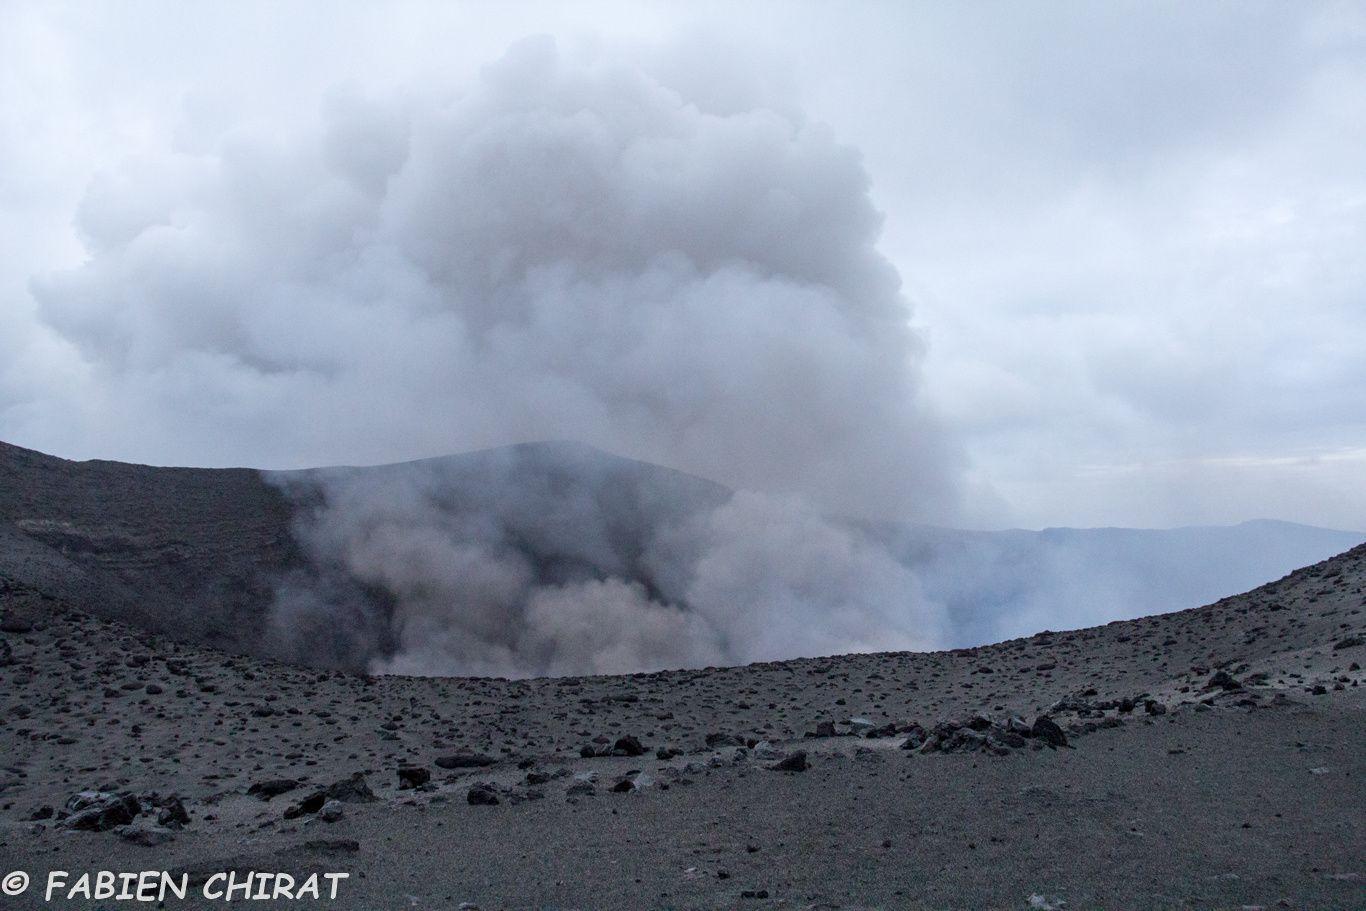 Beaucoup de dégazage, sur certaines parties du volcan nous ne voyons pas partir les bombes volcaniques.